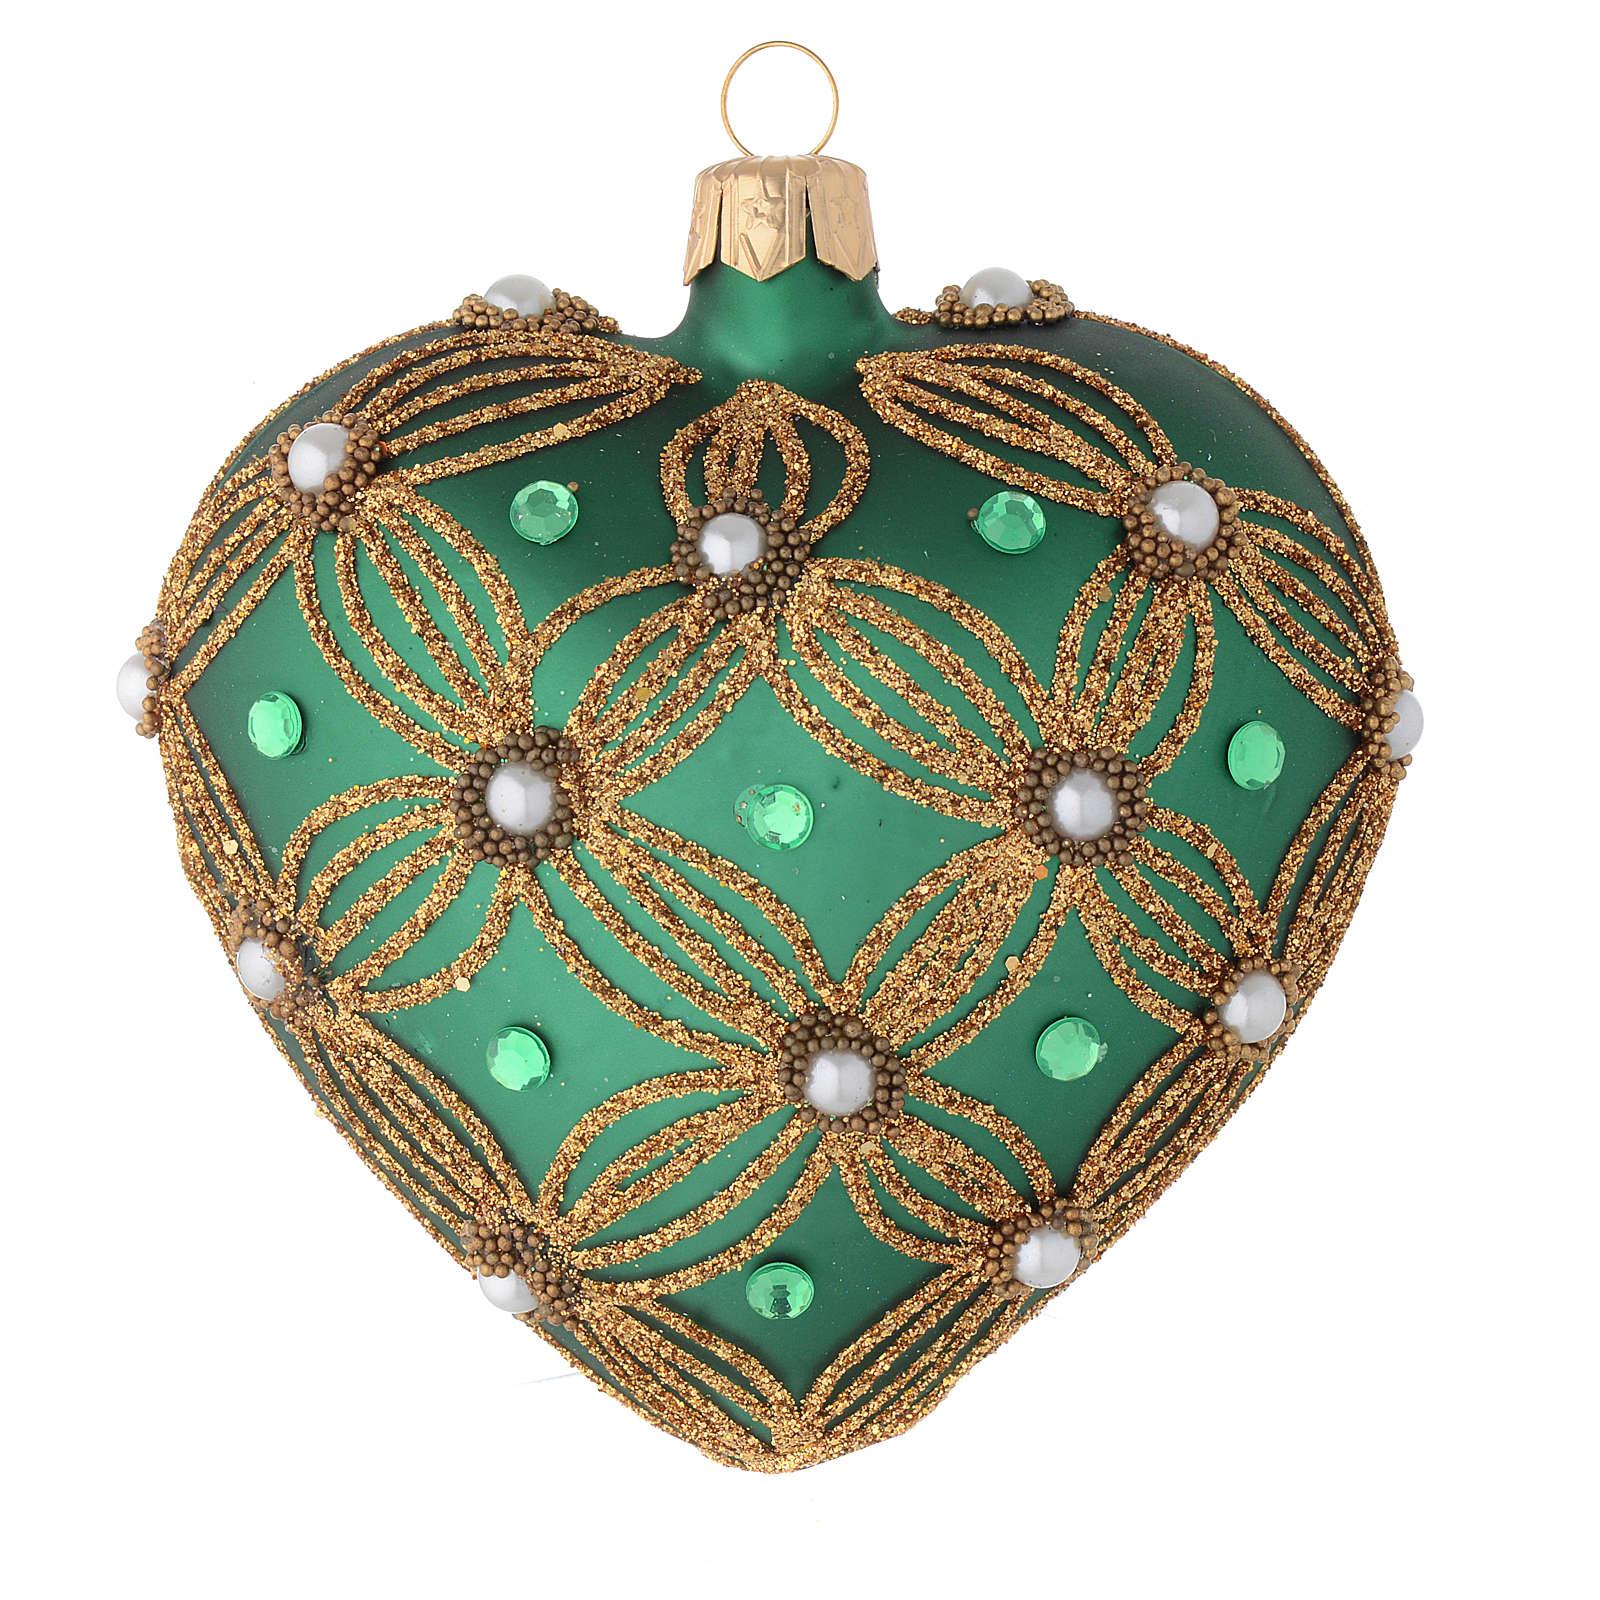 Bombka bożonarodzeniowa w ksztalcie serca szkło dmuchane zielone dekoracje złote 100mm 4